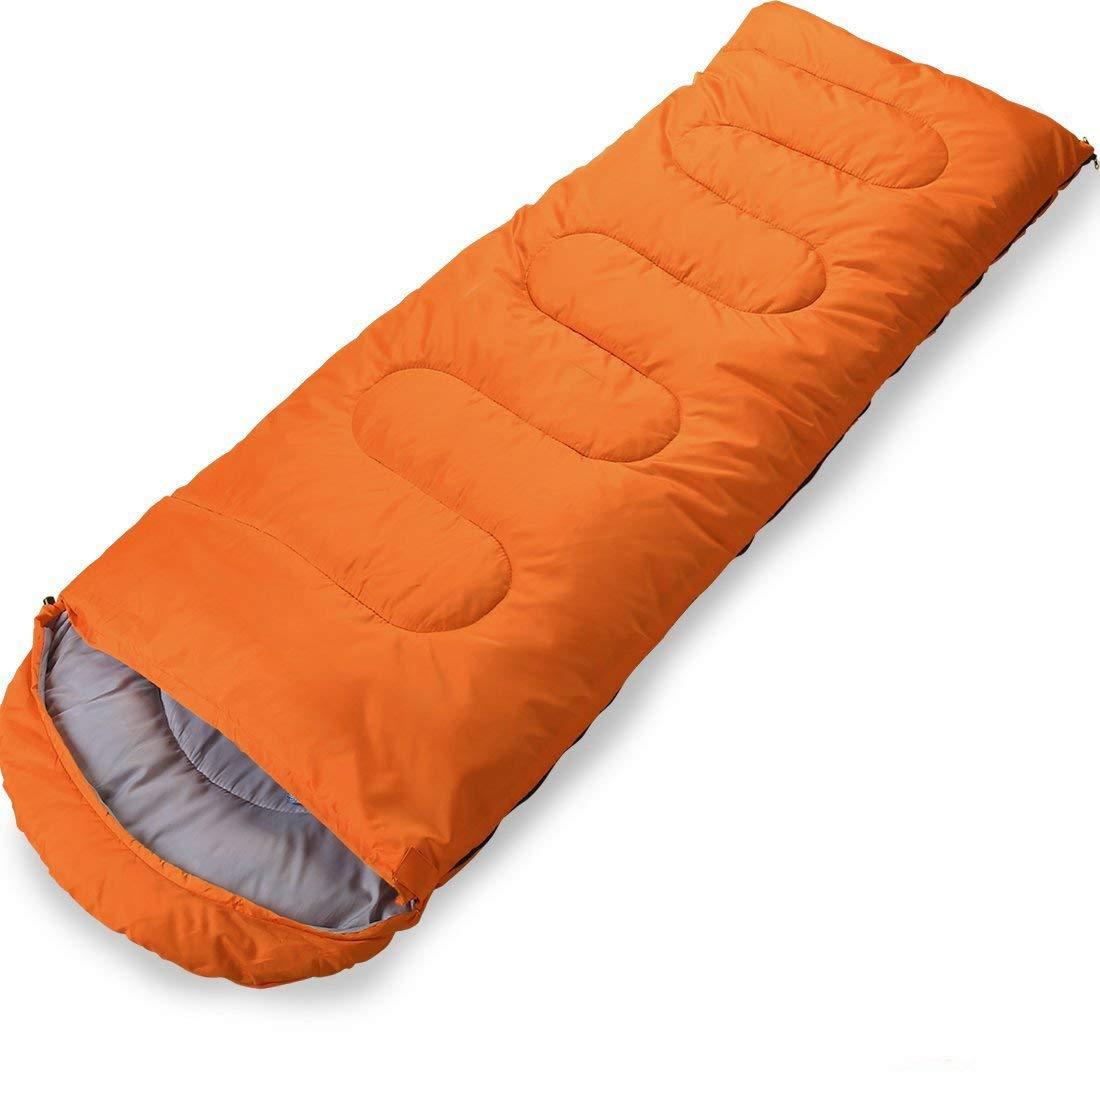 zelo sleeping bag - HD1100×1100